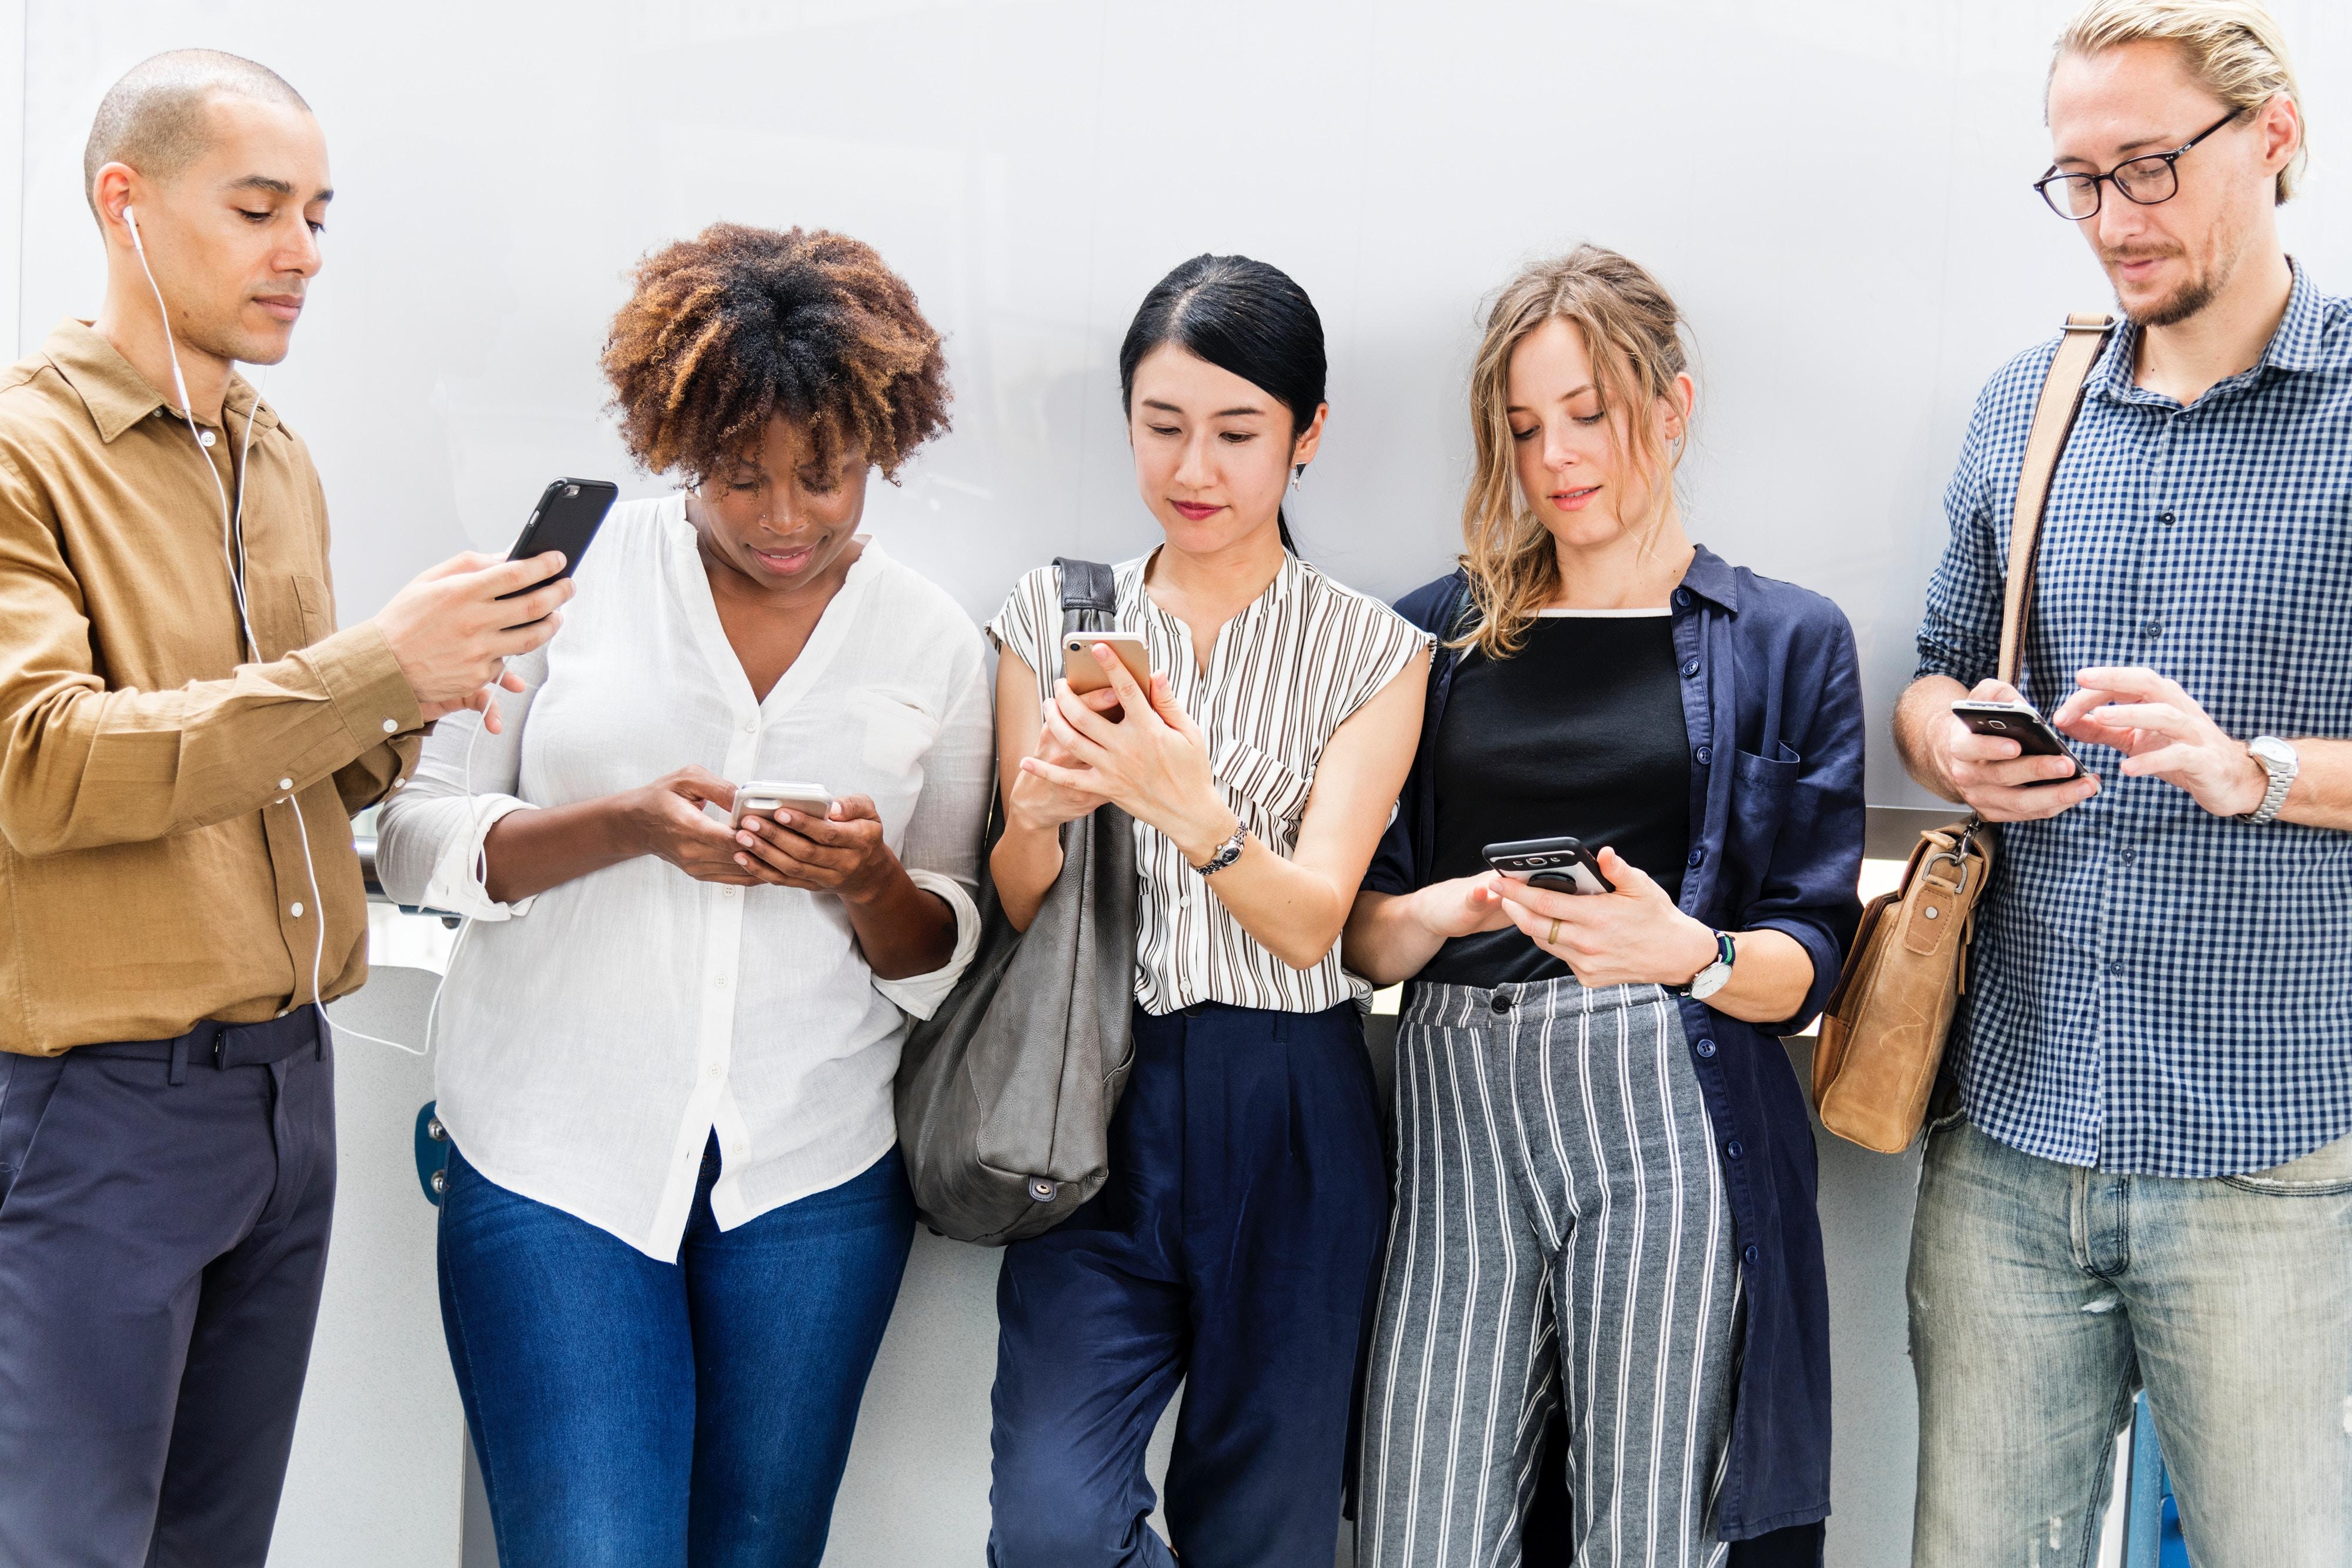 Social media relevance